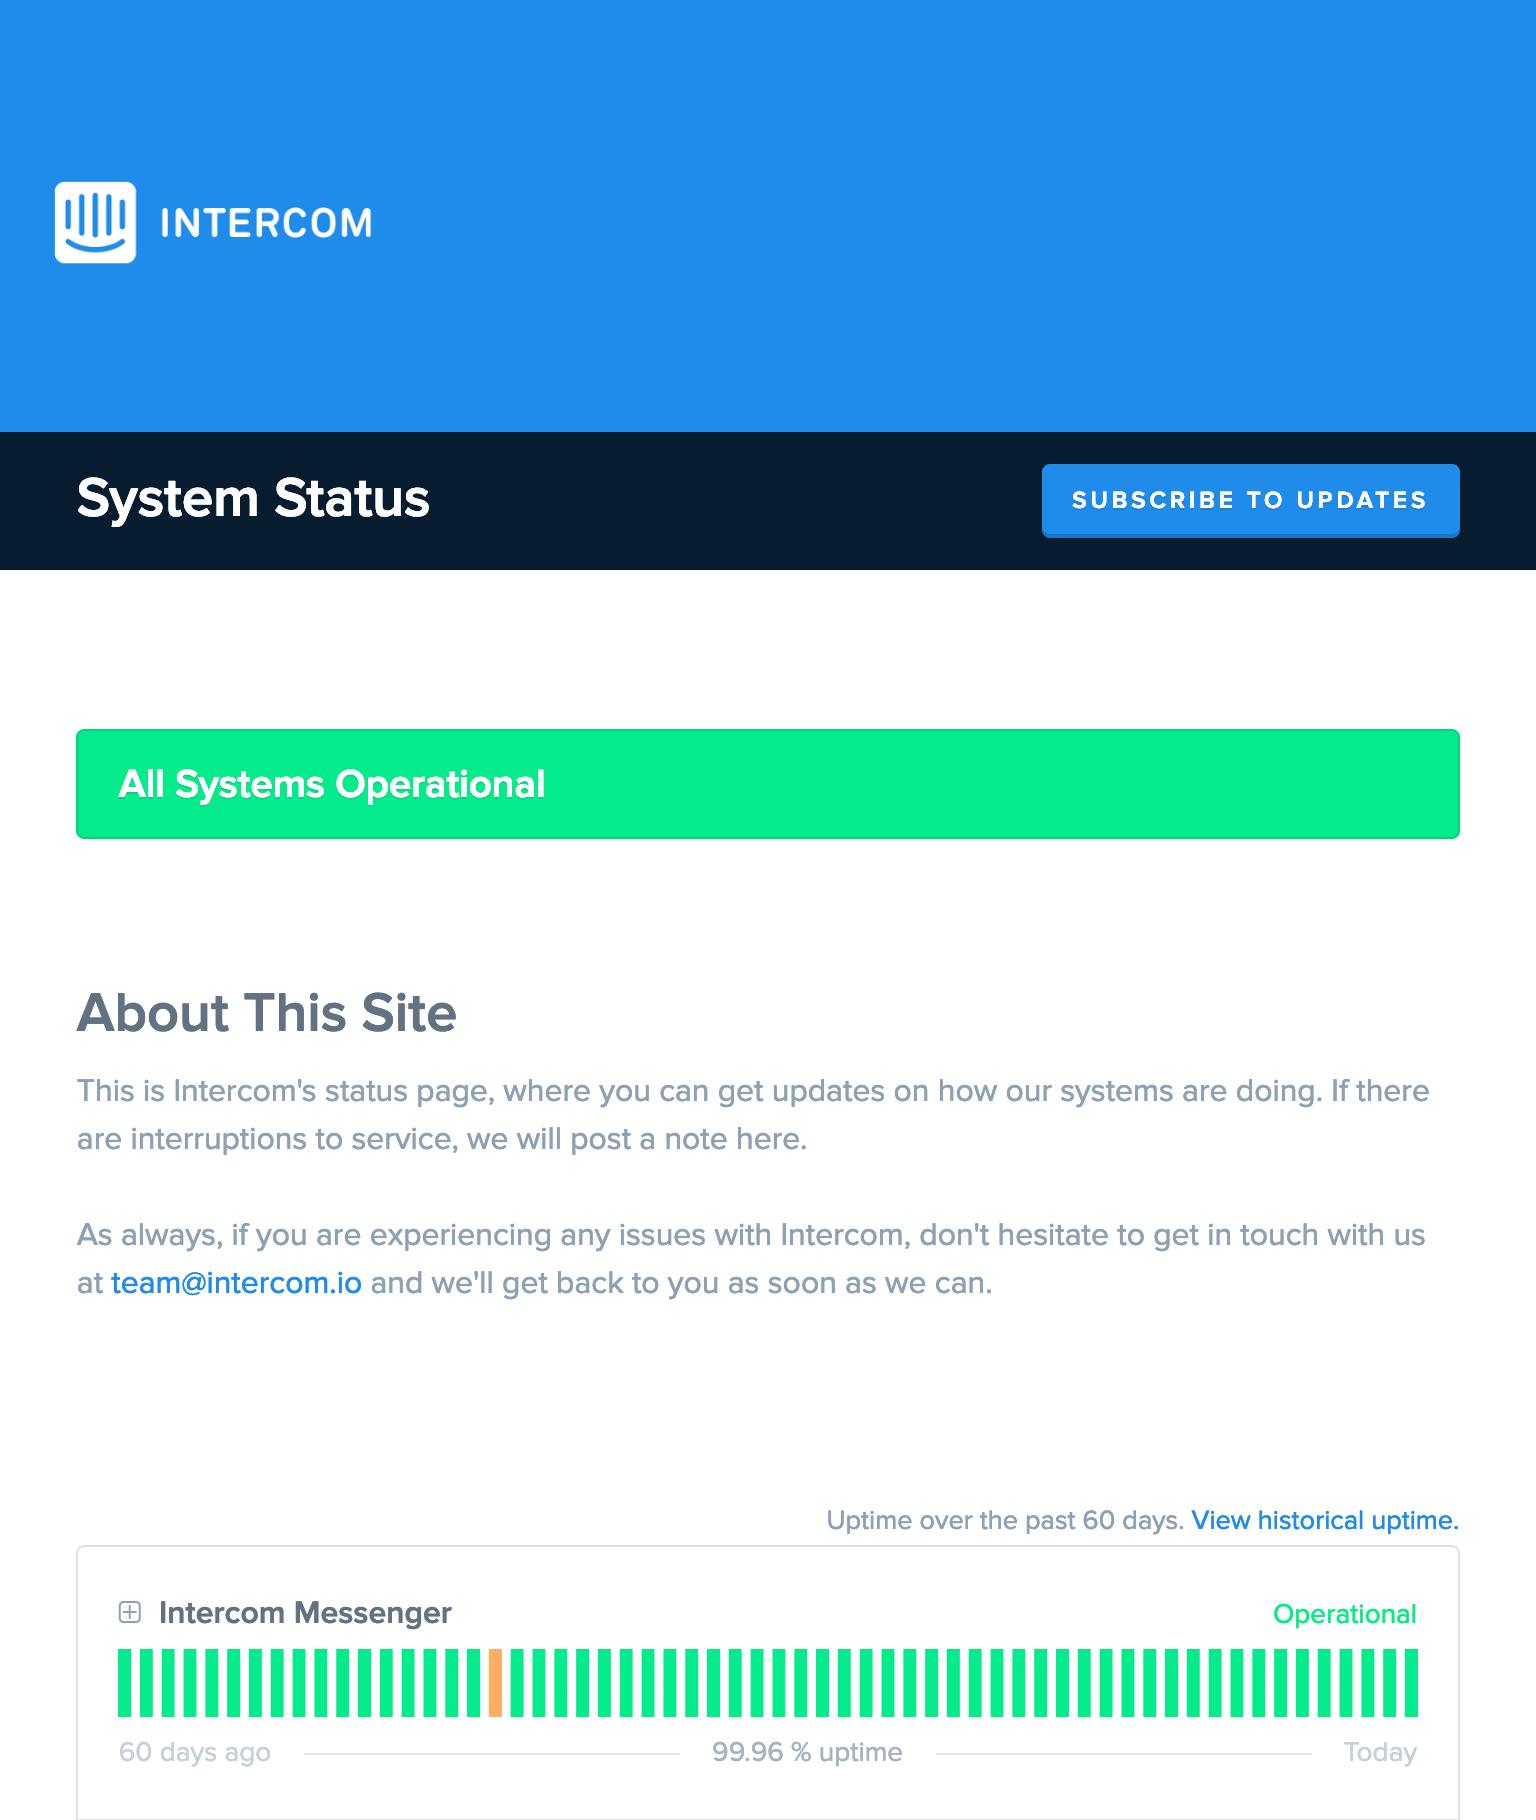 Lista kontrolna stanu usług Intercom